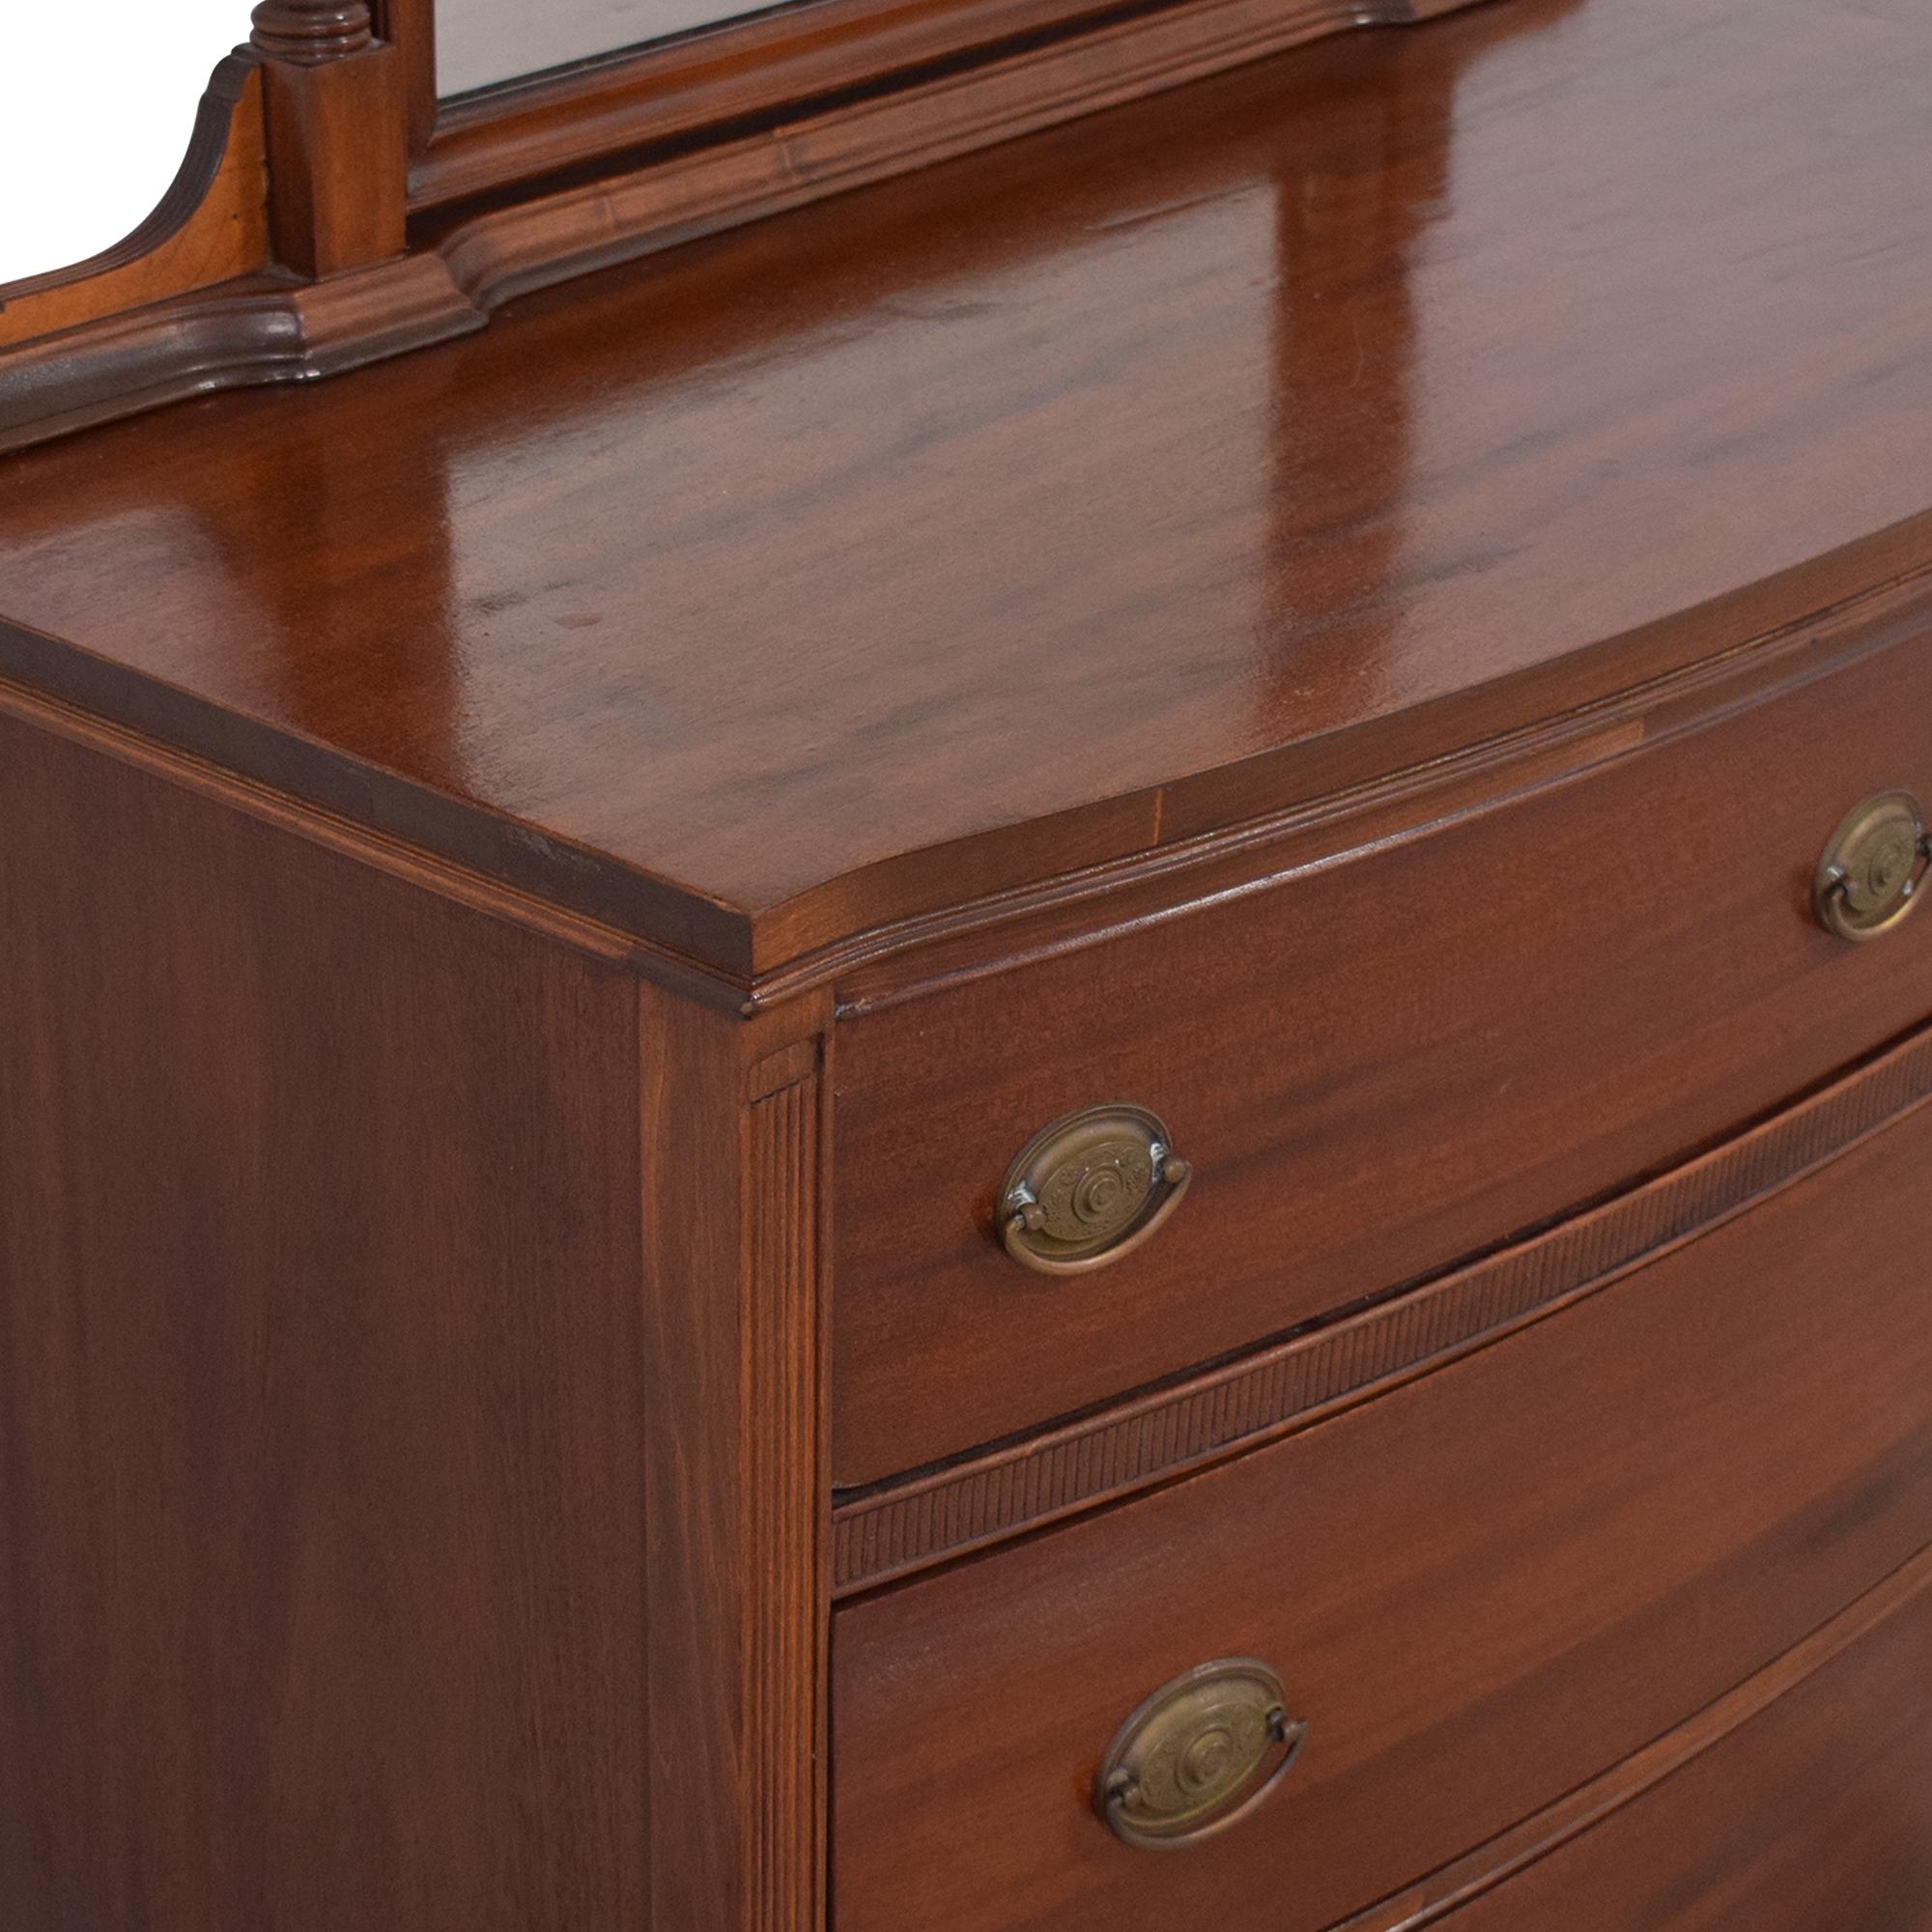 Vintage Wooden Dresser with Mirror Dressers